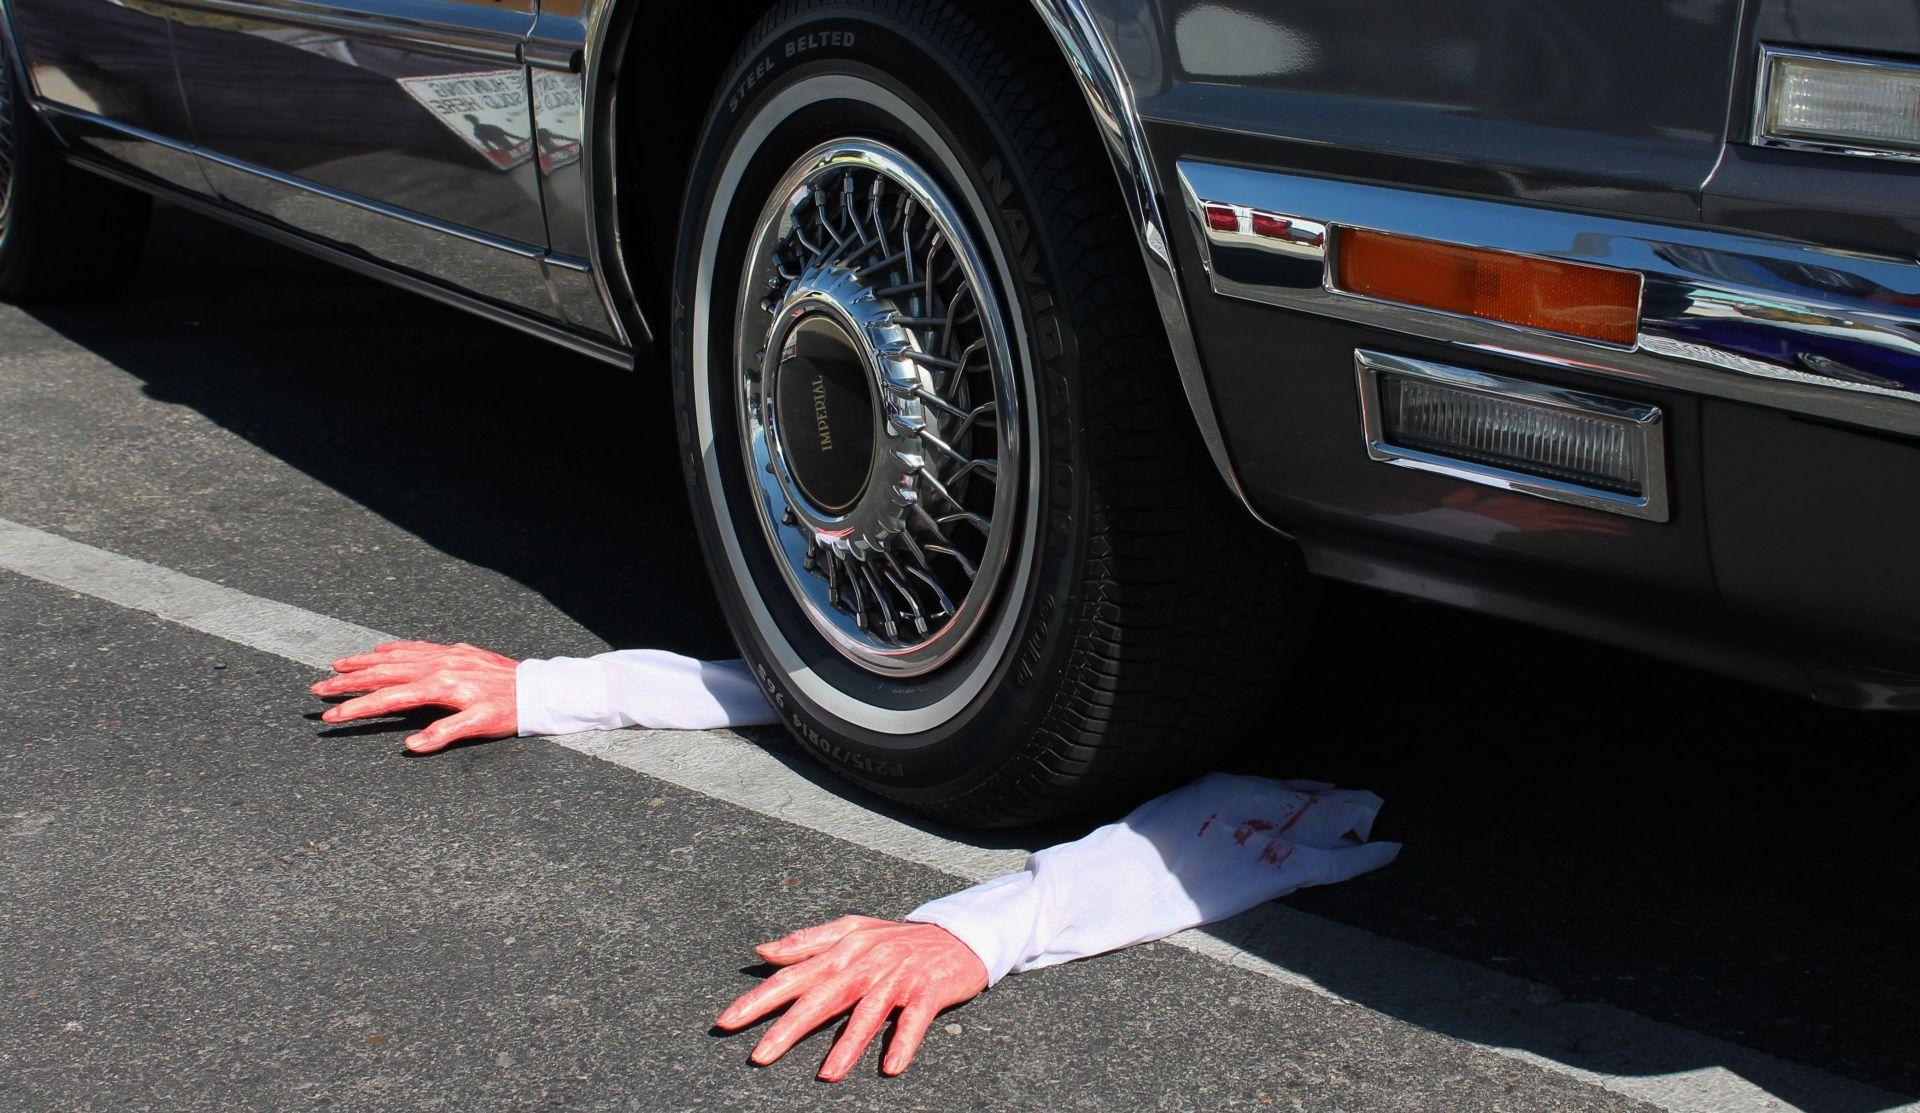 PILATOVSKO PRANJE RUKU Sad se nitko ne želi vozit u blindiranoj limuzini s strojnicom